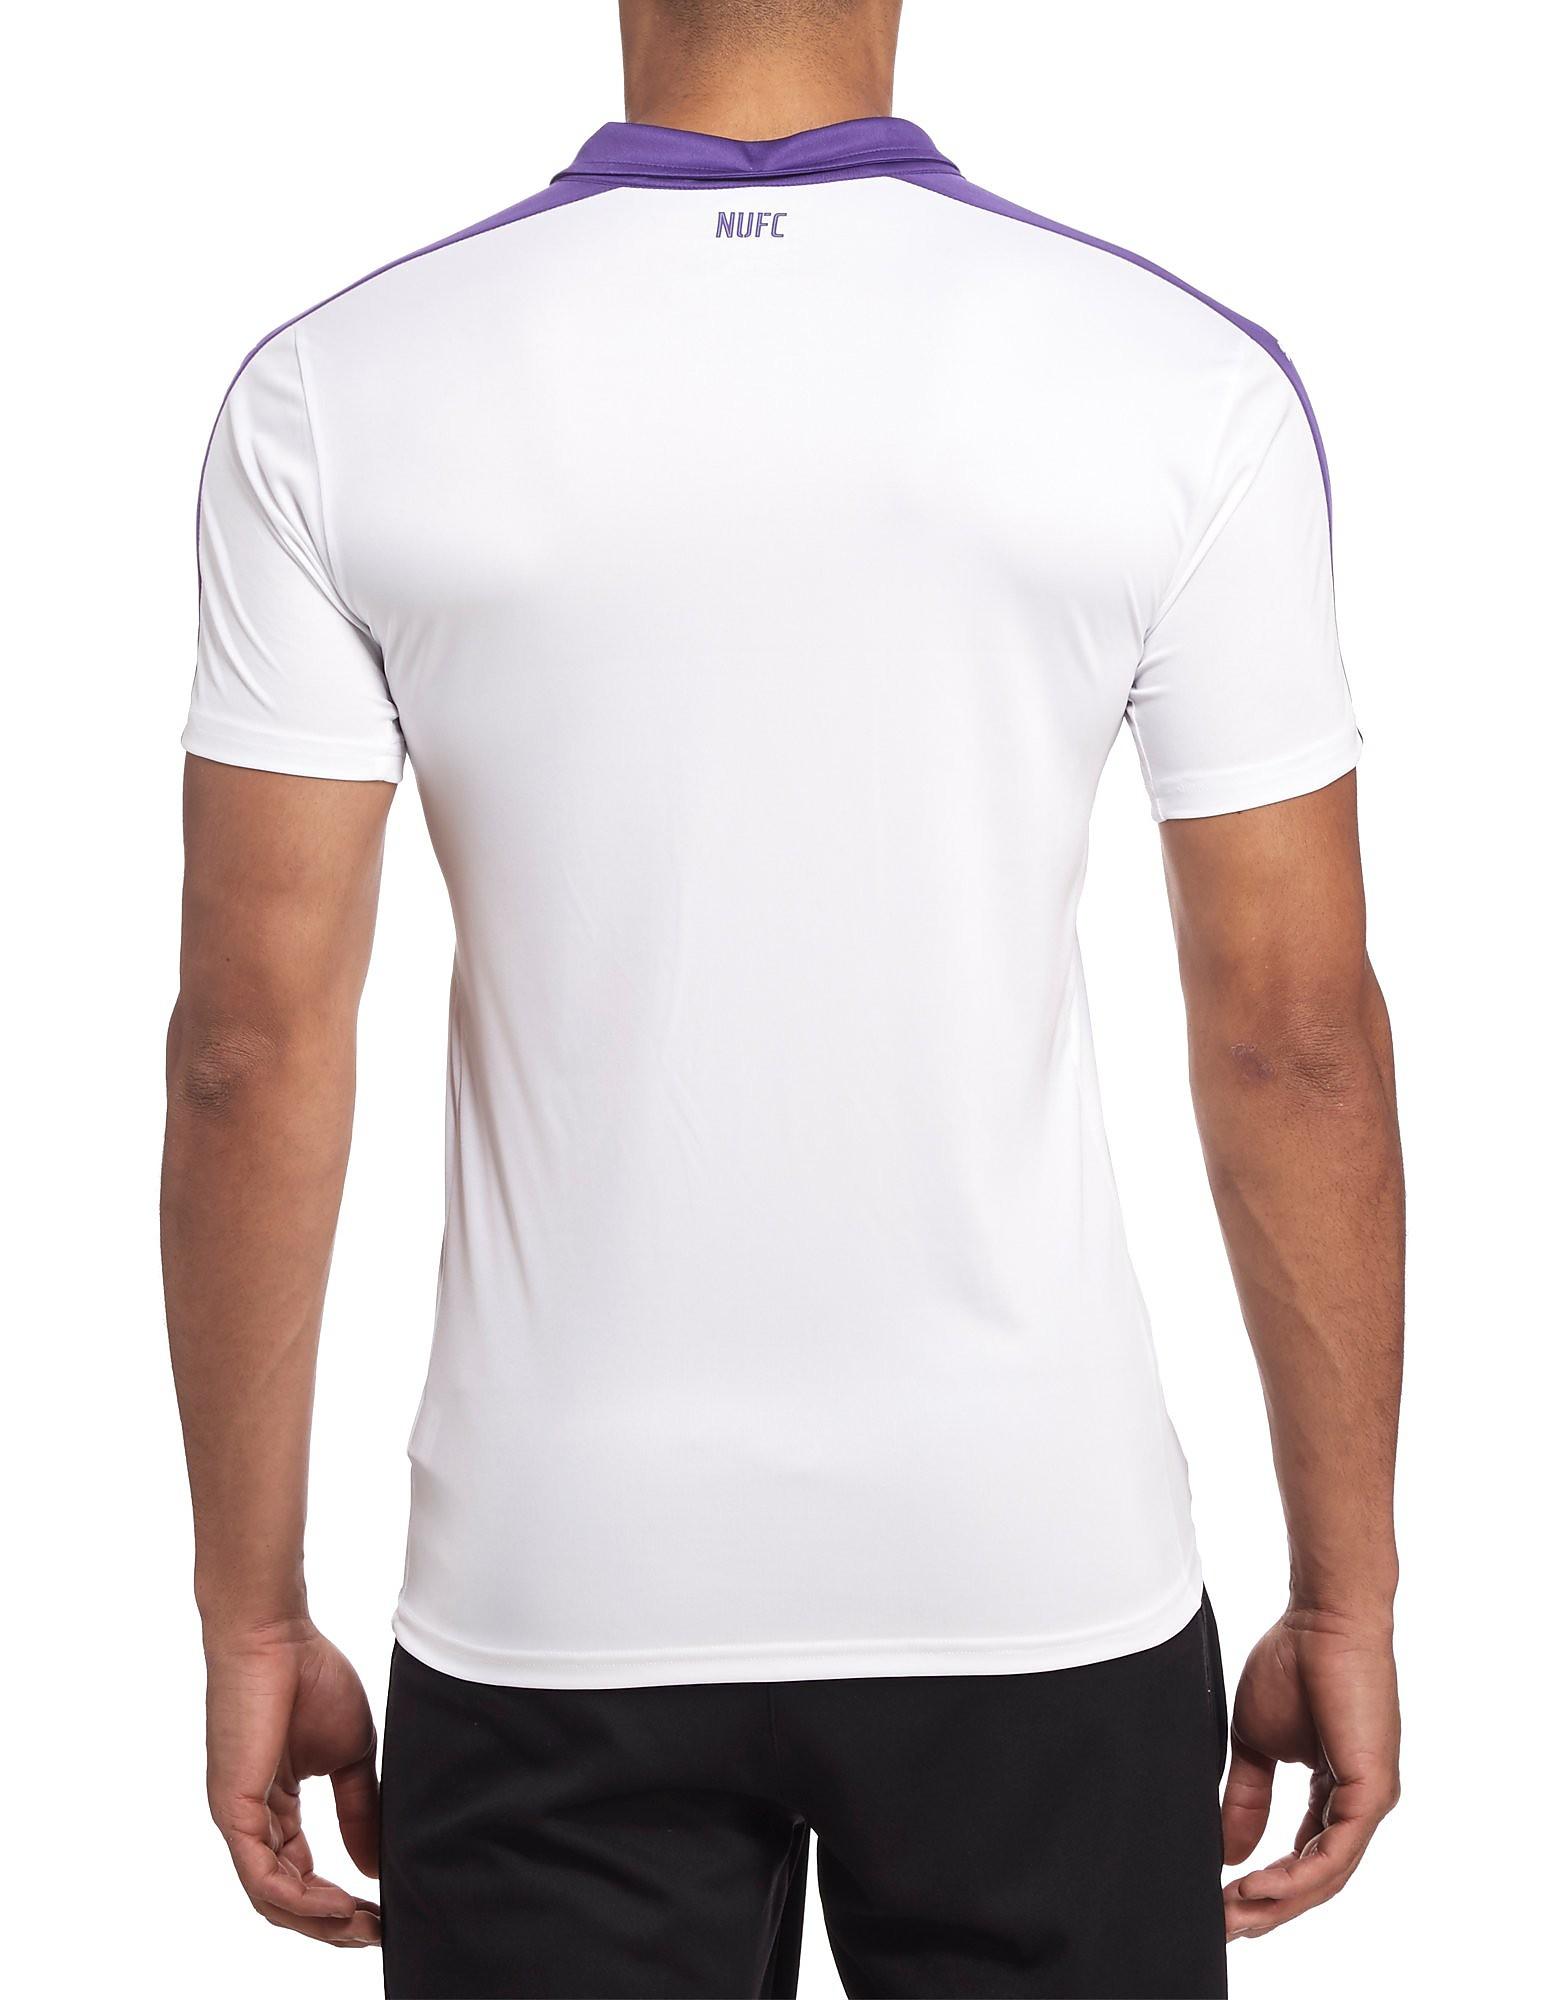 PUMA Newcastle United 2016/17 Third Shirt